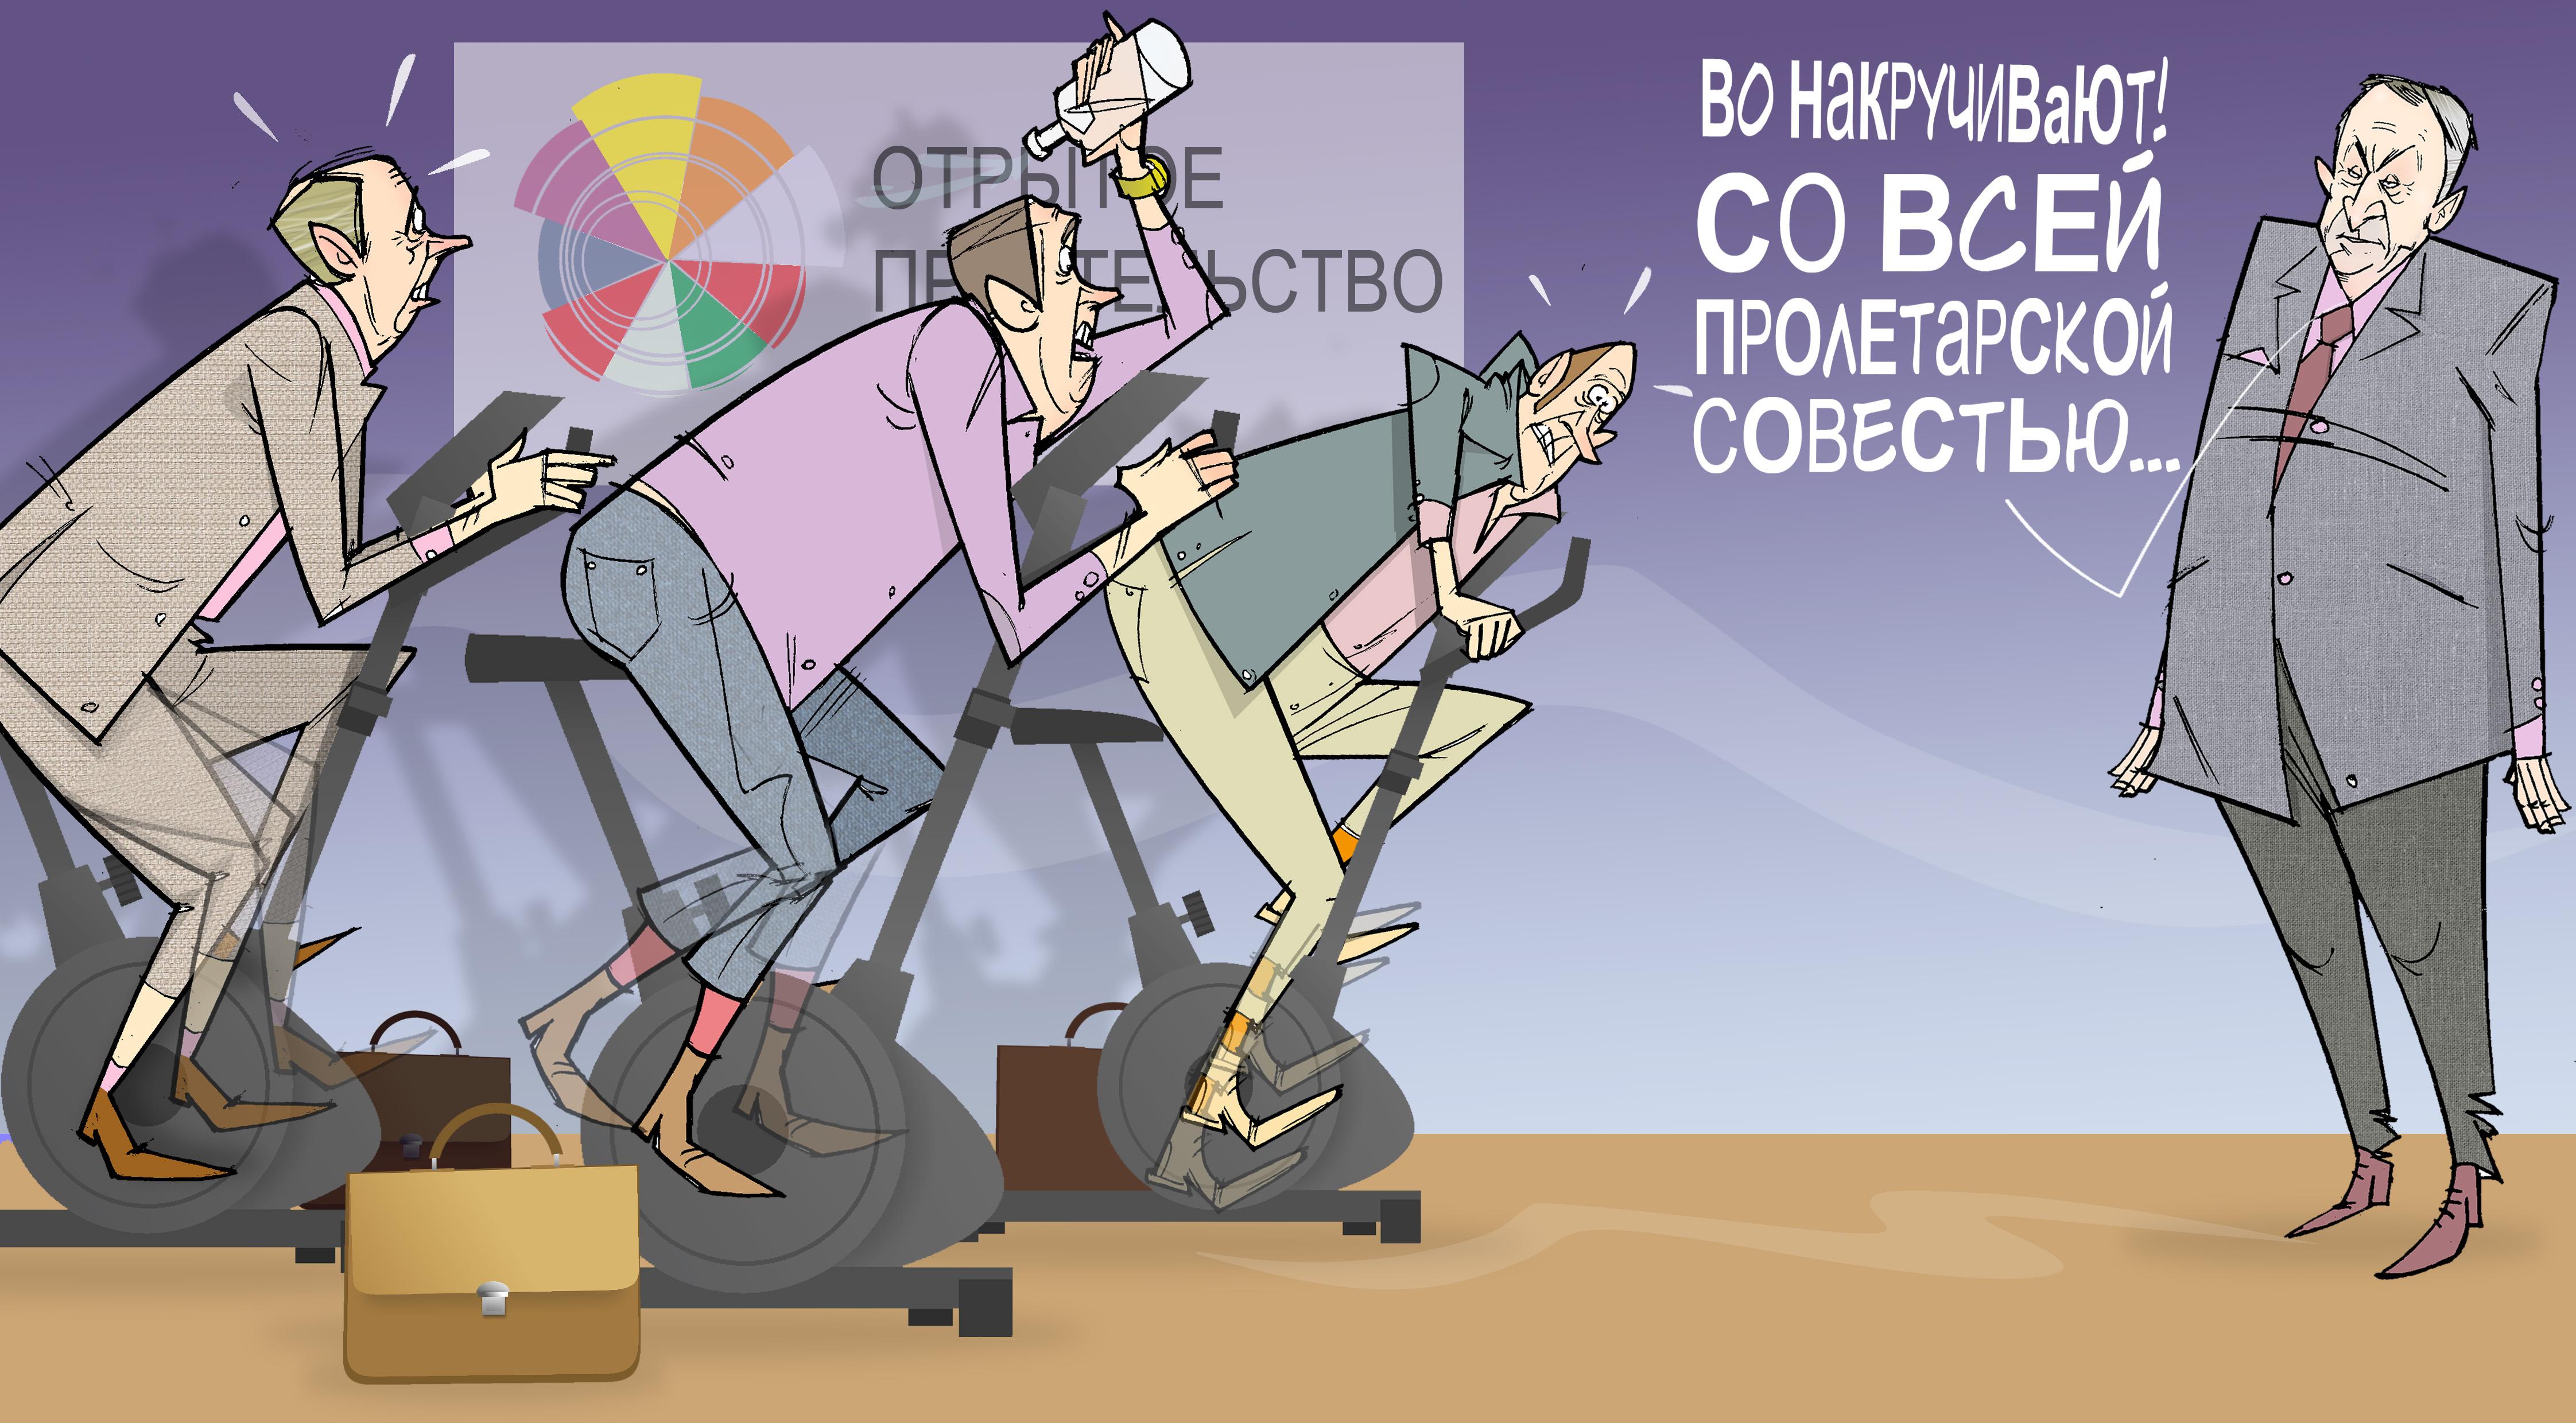 """Во накручивают! #ОткрытоеПравительство #Удмуртия #ГлаваУР #Соловьёв © Газета """"День"""" 2014"""